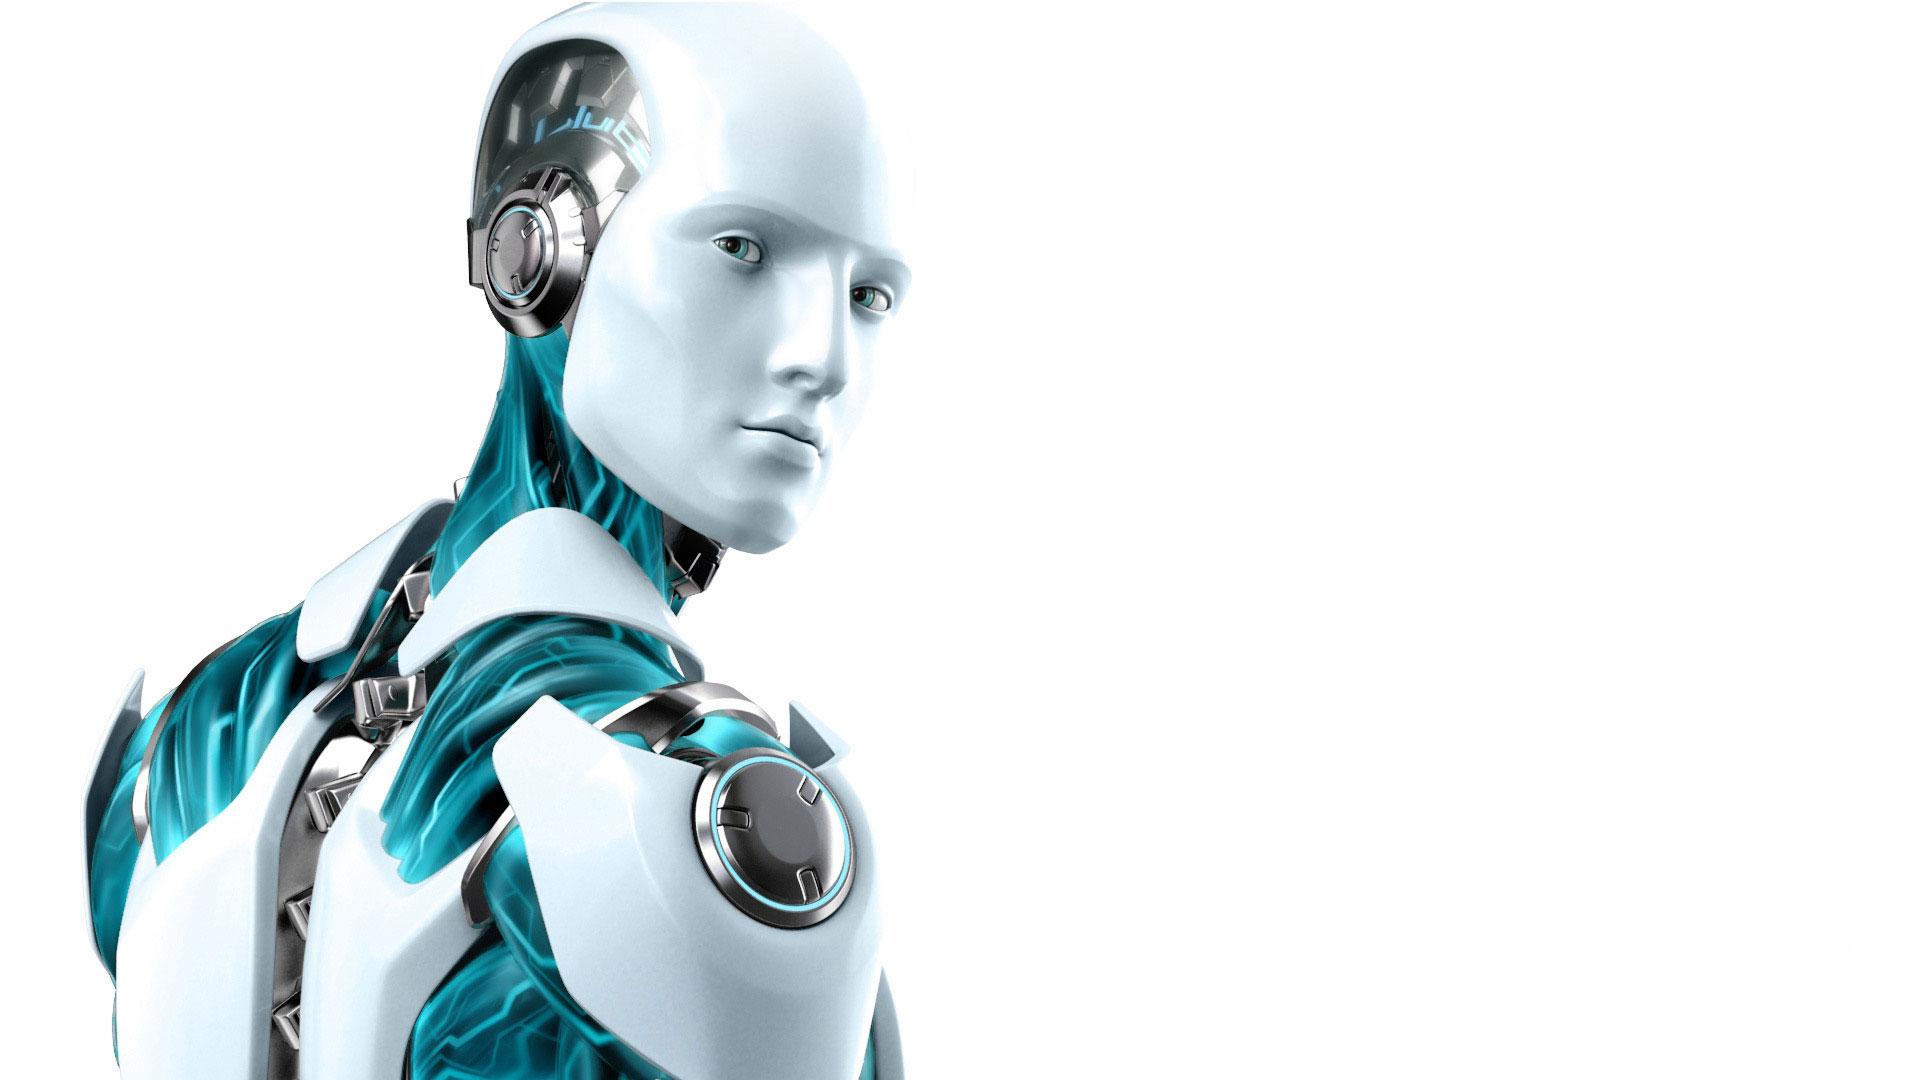 Hd Pics Photos Robots Stunning Best Attractive Robot Technology